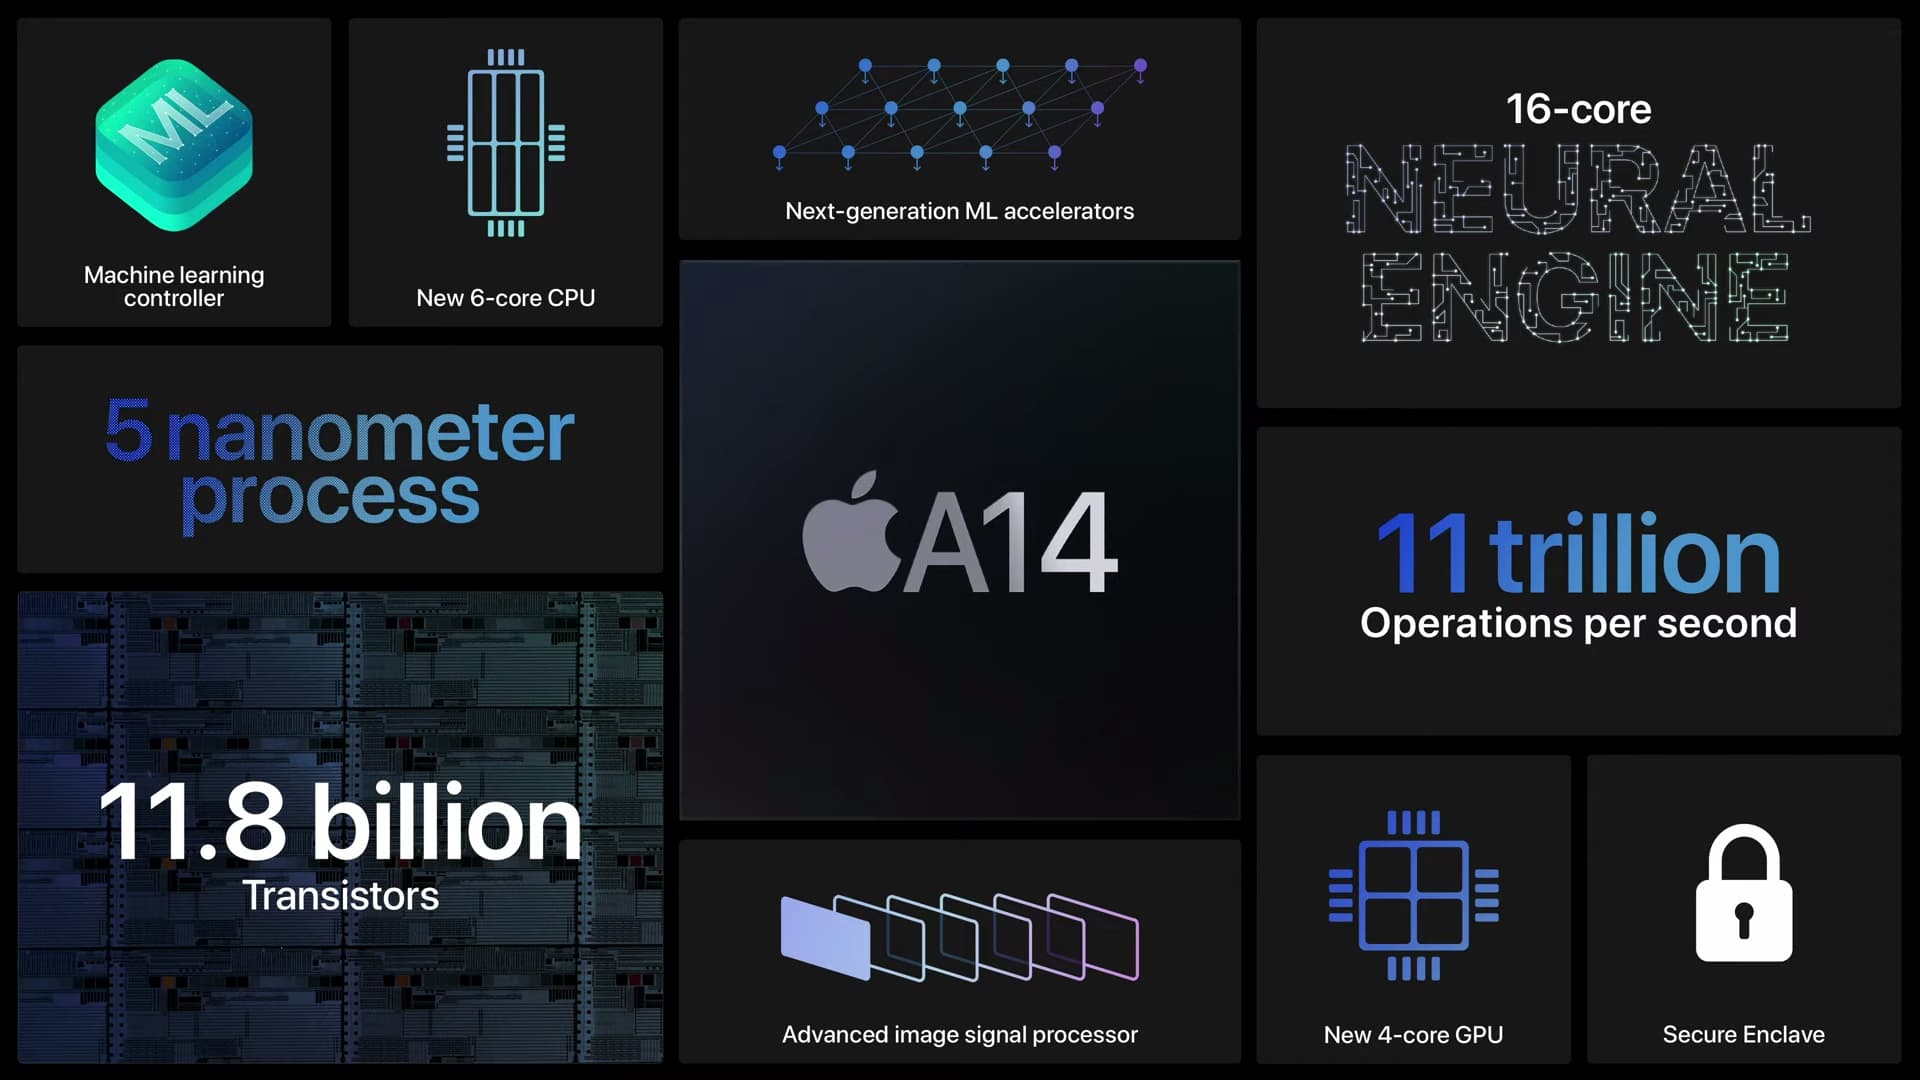 iPad Air 搶用搭載 A14 仿生處理器1